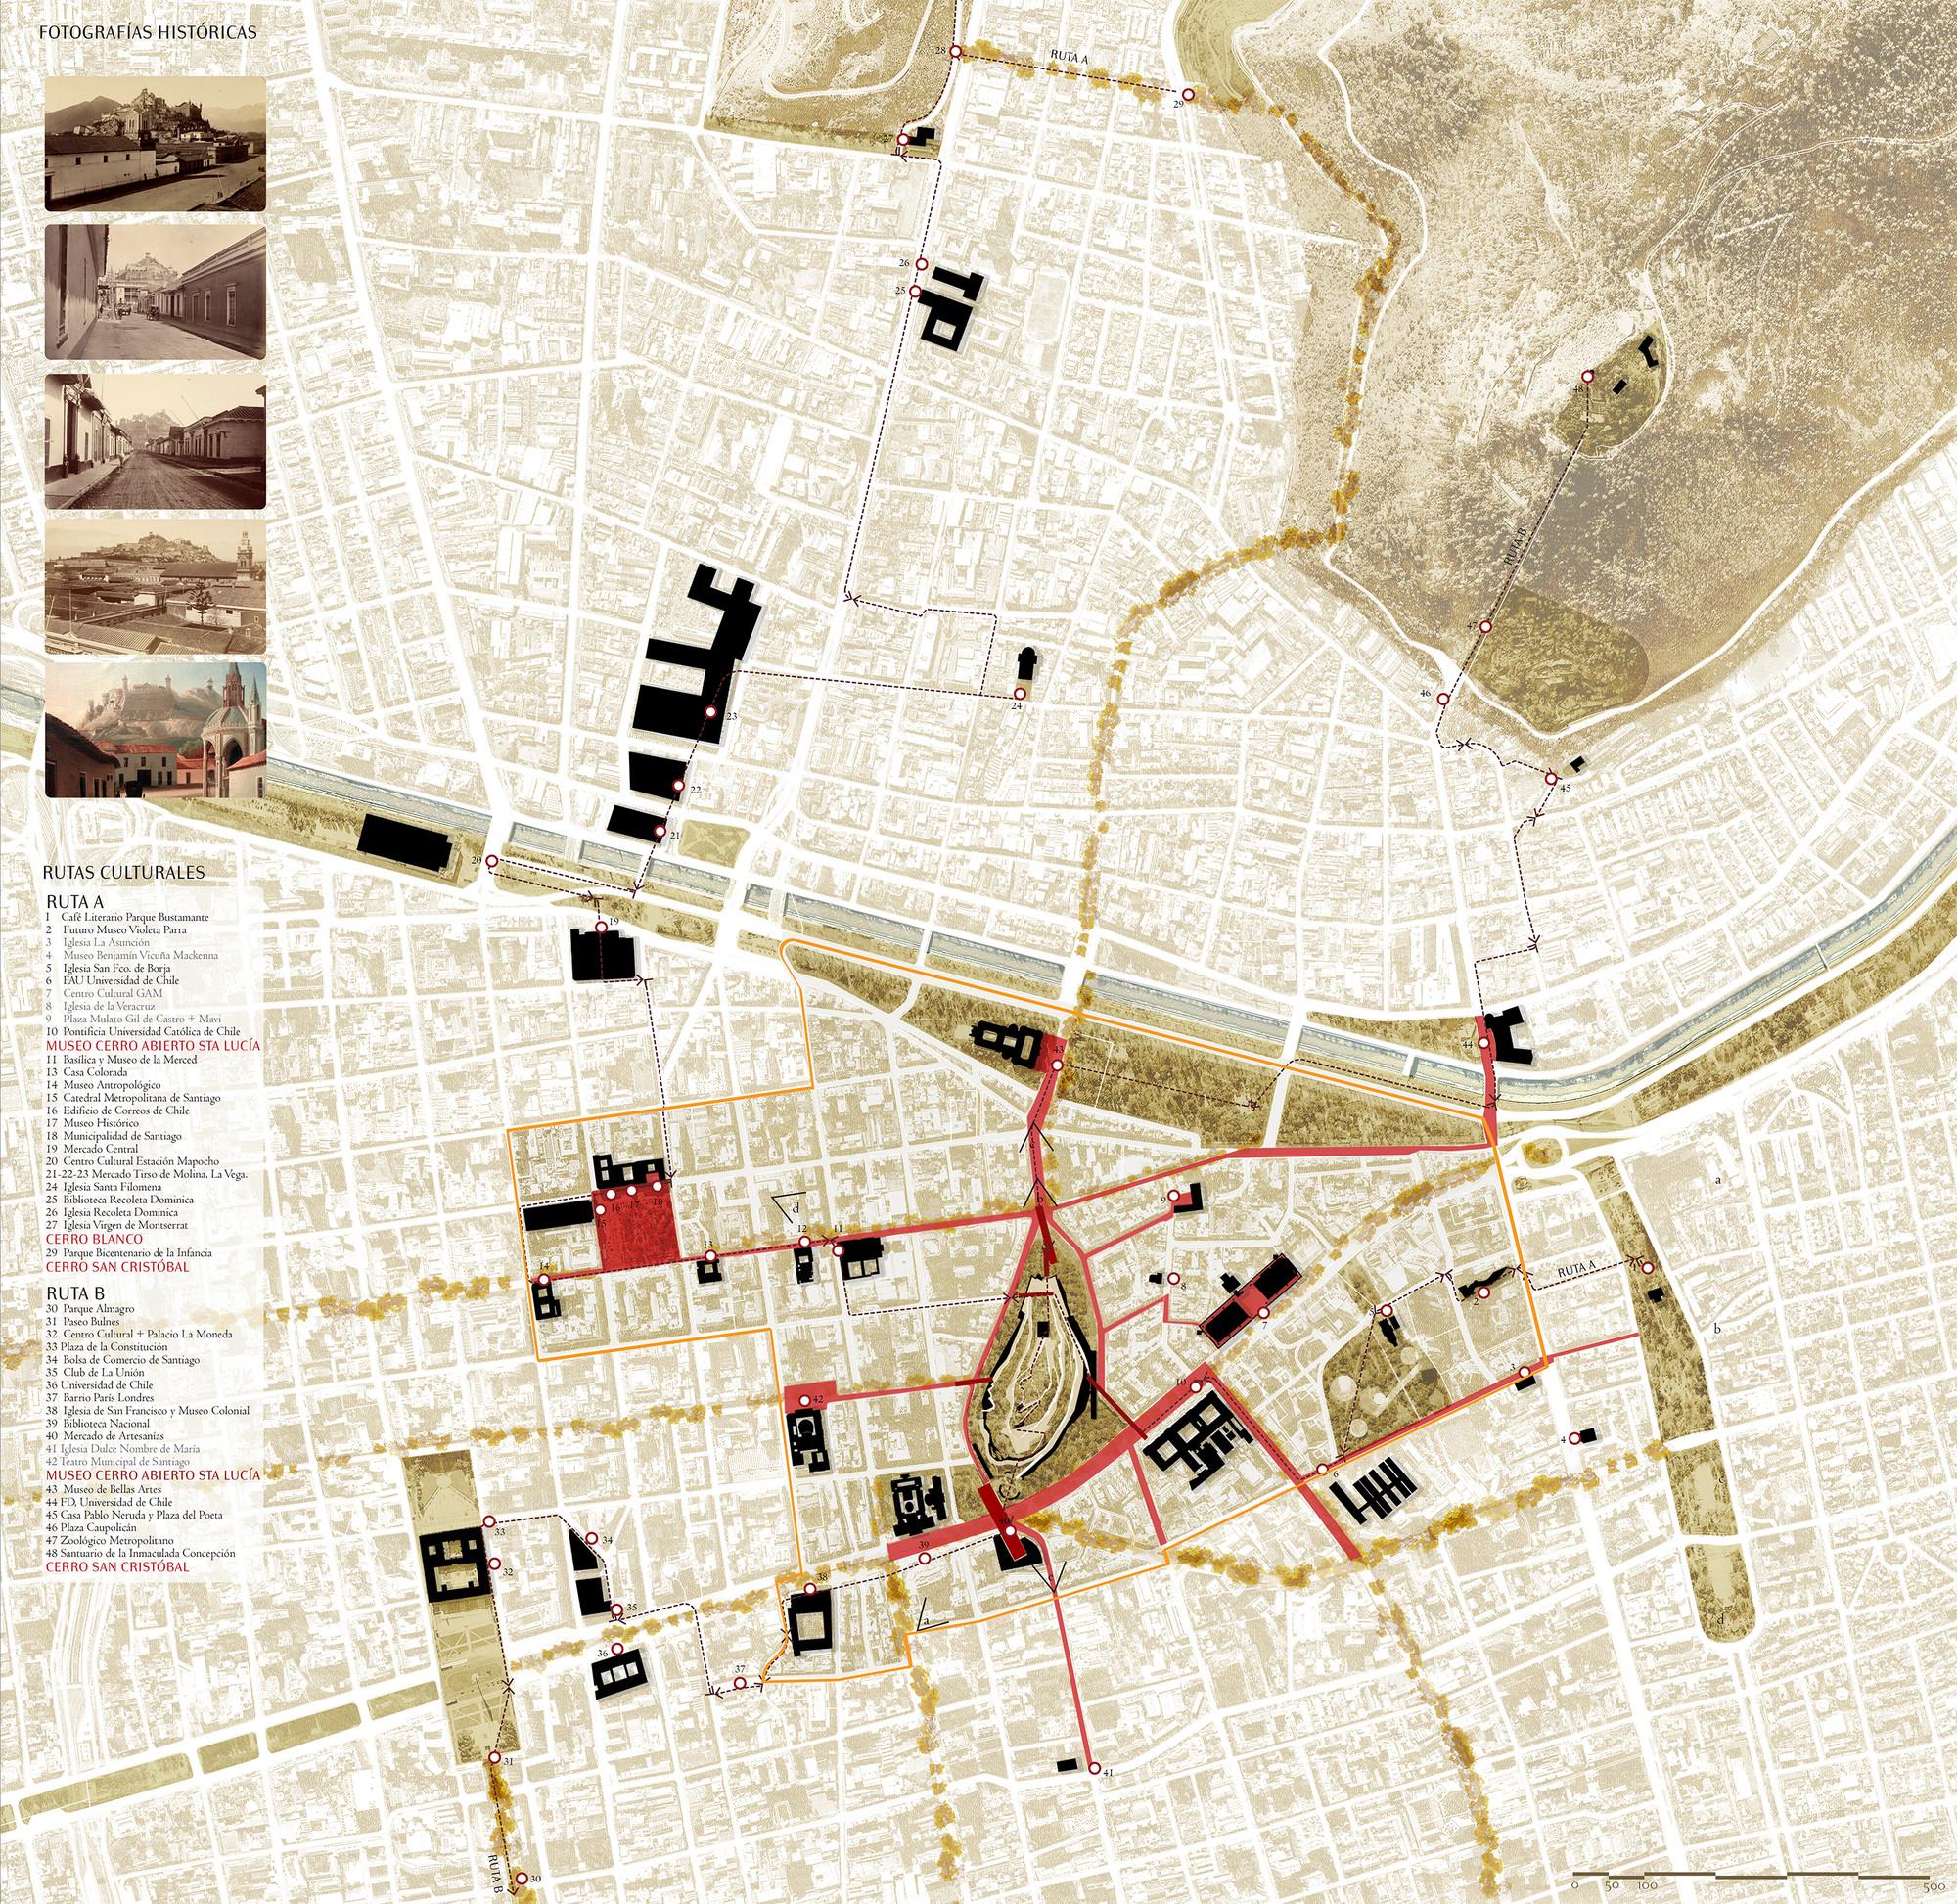 Rutas culturales. Image Cortesia de Fundación Cerros Isla + Macarena Gaete